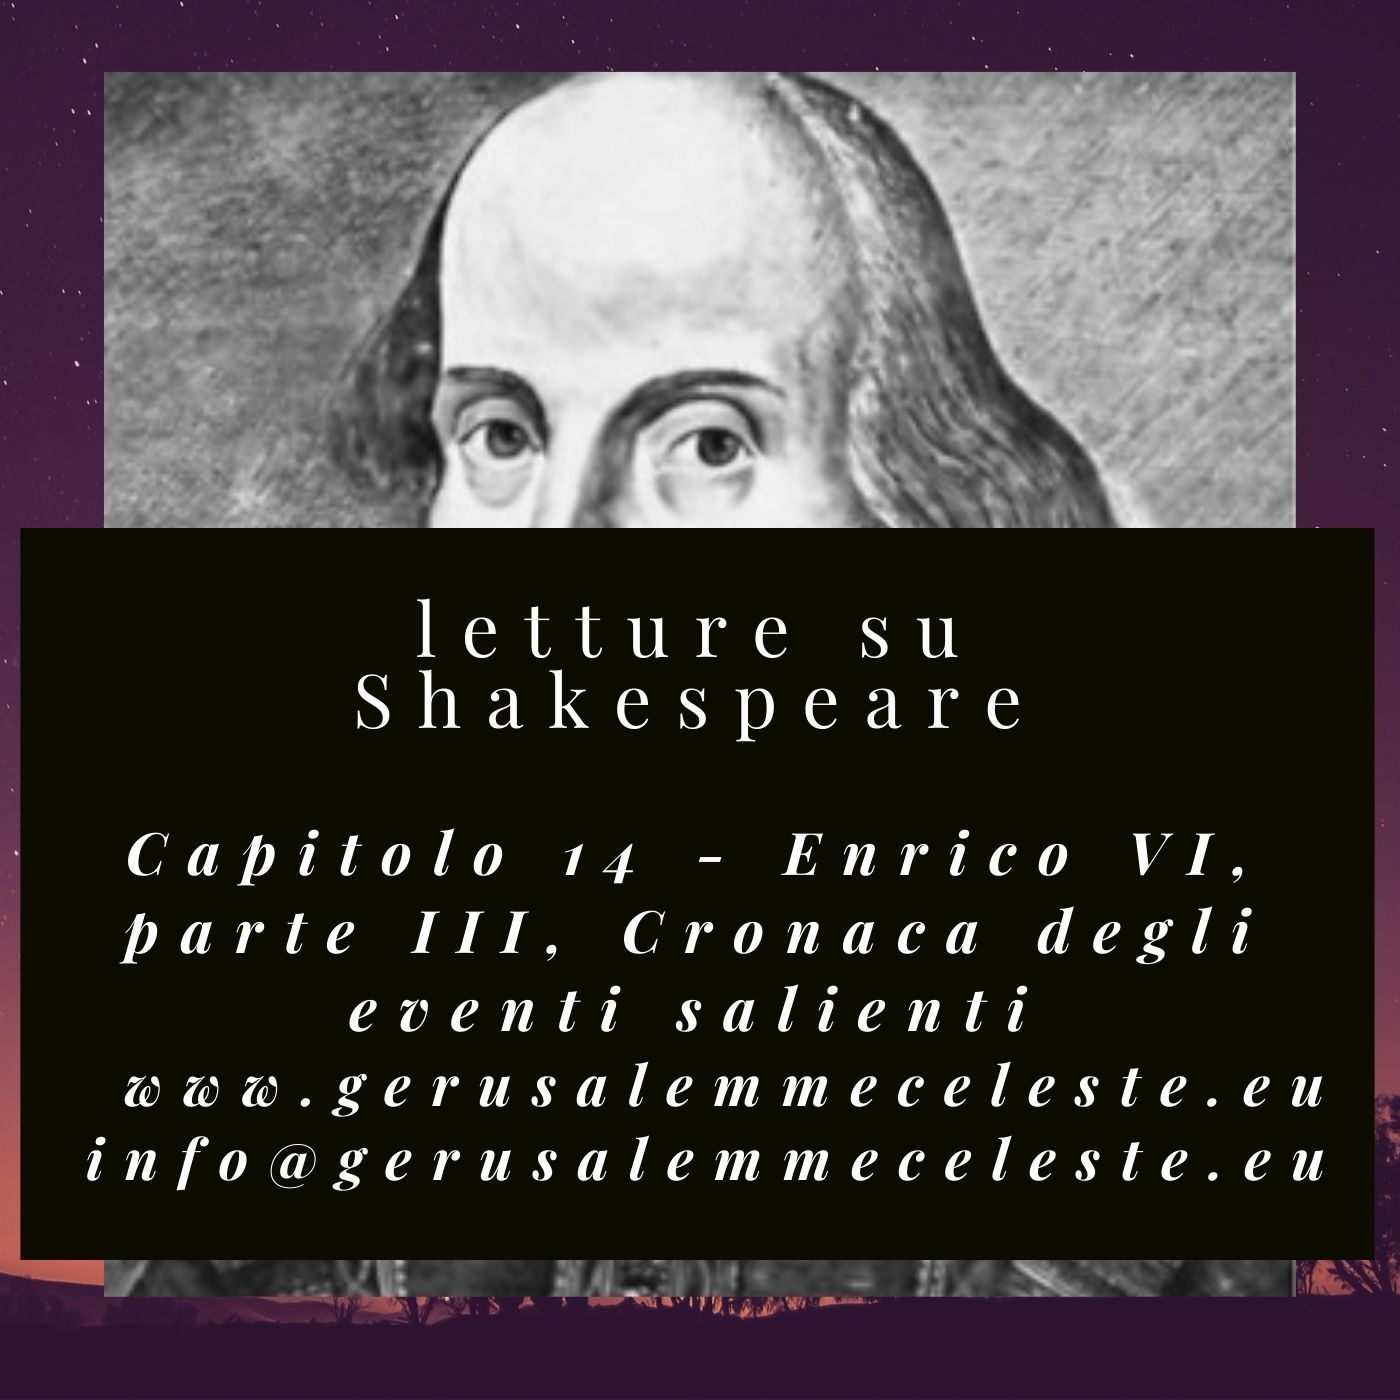 Capitolo 14 - Enrico VI, parte terza: Cronaca degli eventi salienti